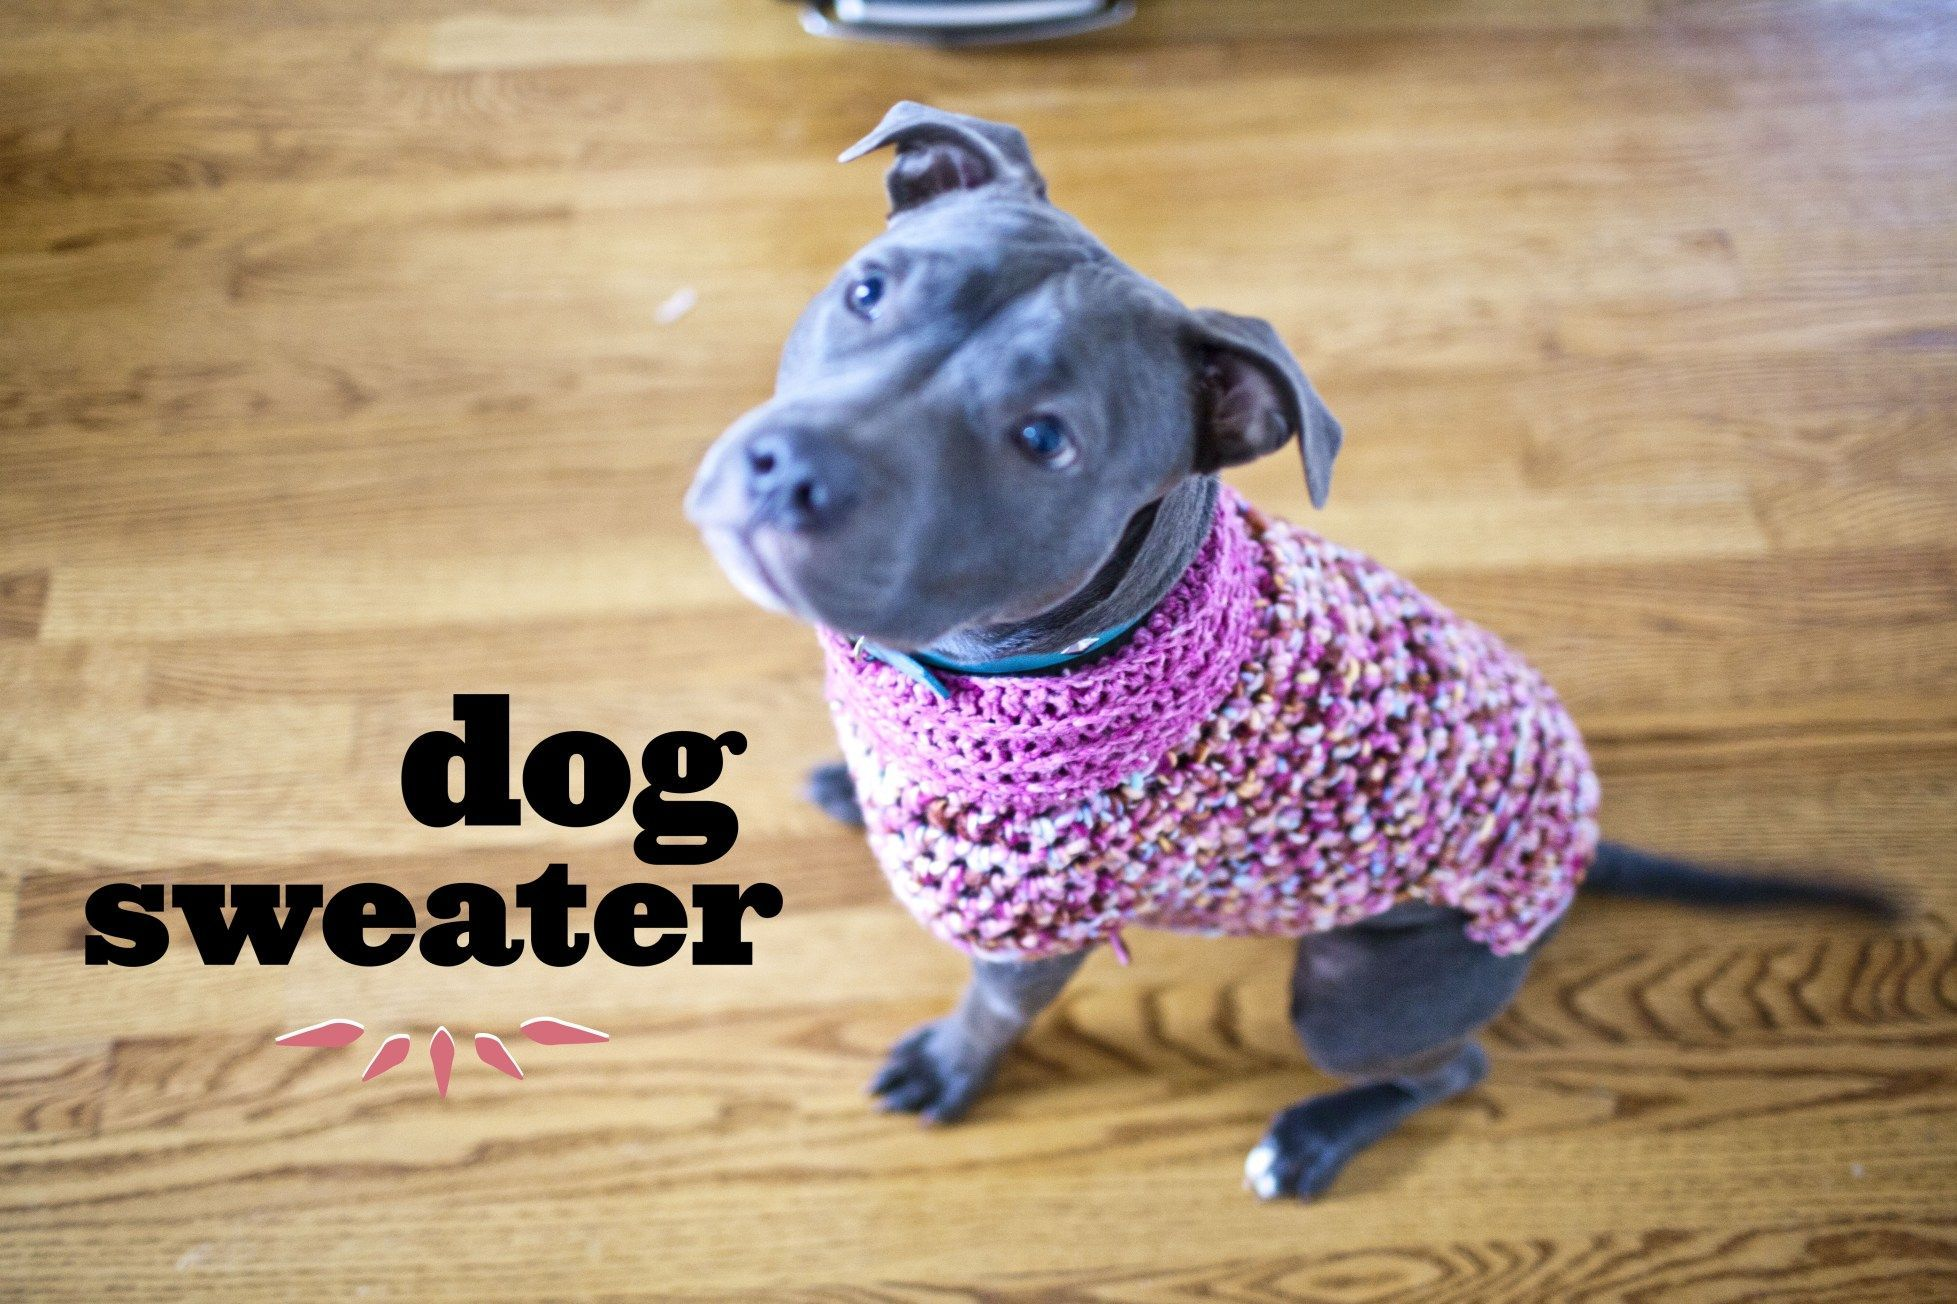 Free Crochet Dog Sweater Patterns Pitbull Sweater Make Great #dogcrochetedsweaters Free Crochet Dog Sweater Patterns Pitbull Sweater Make Great #dogcrochetedsweaters